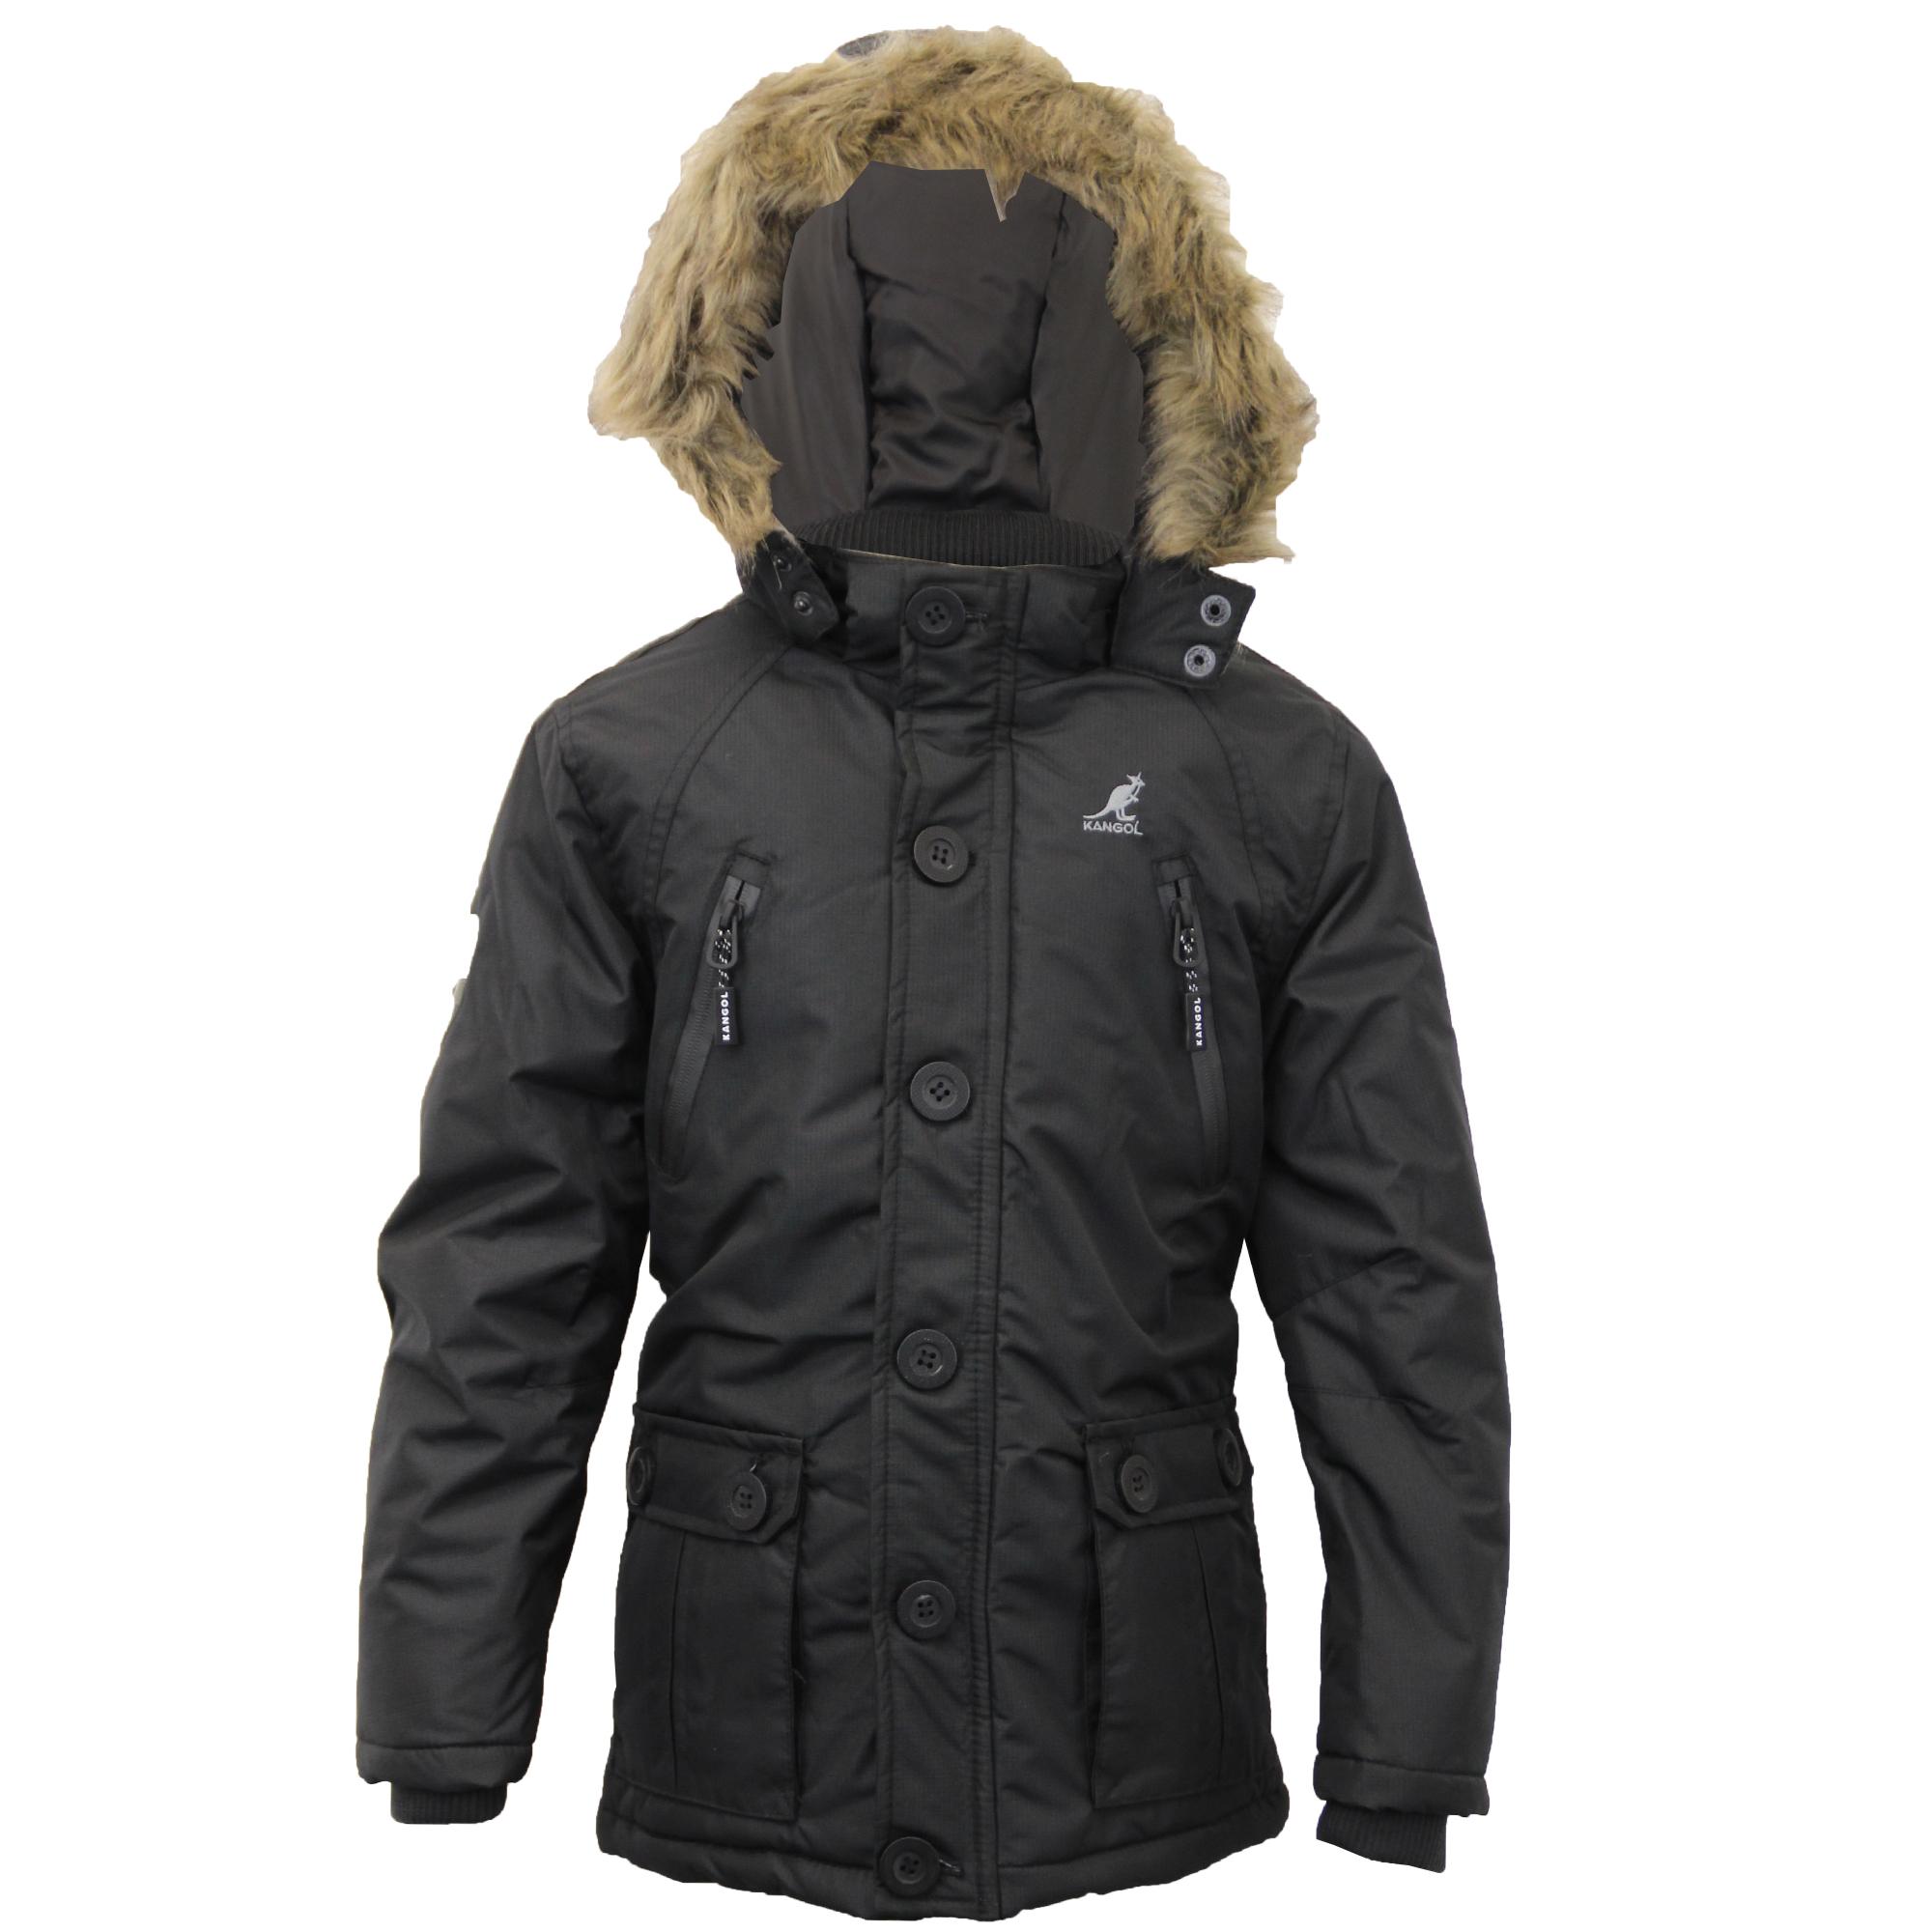 Parka Coats For Boys Jacketin